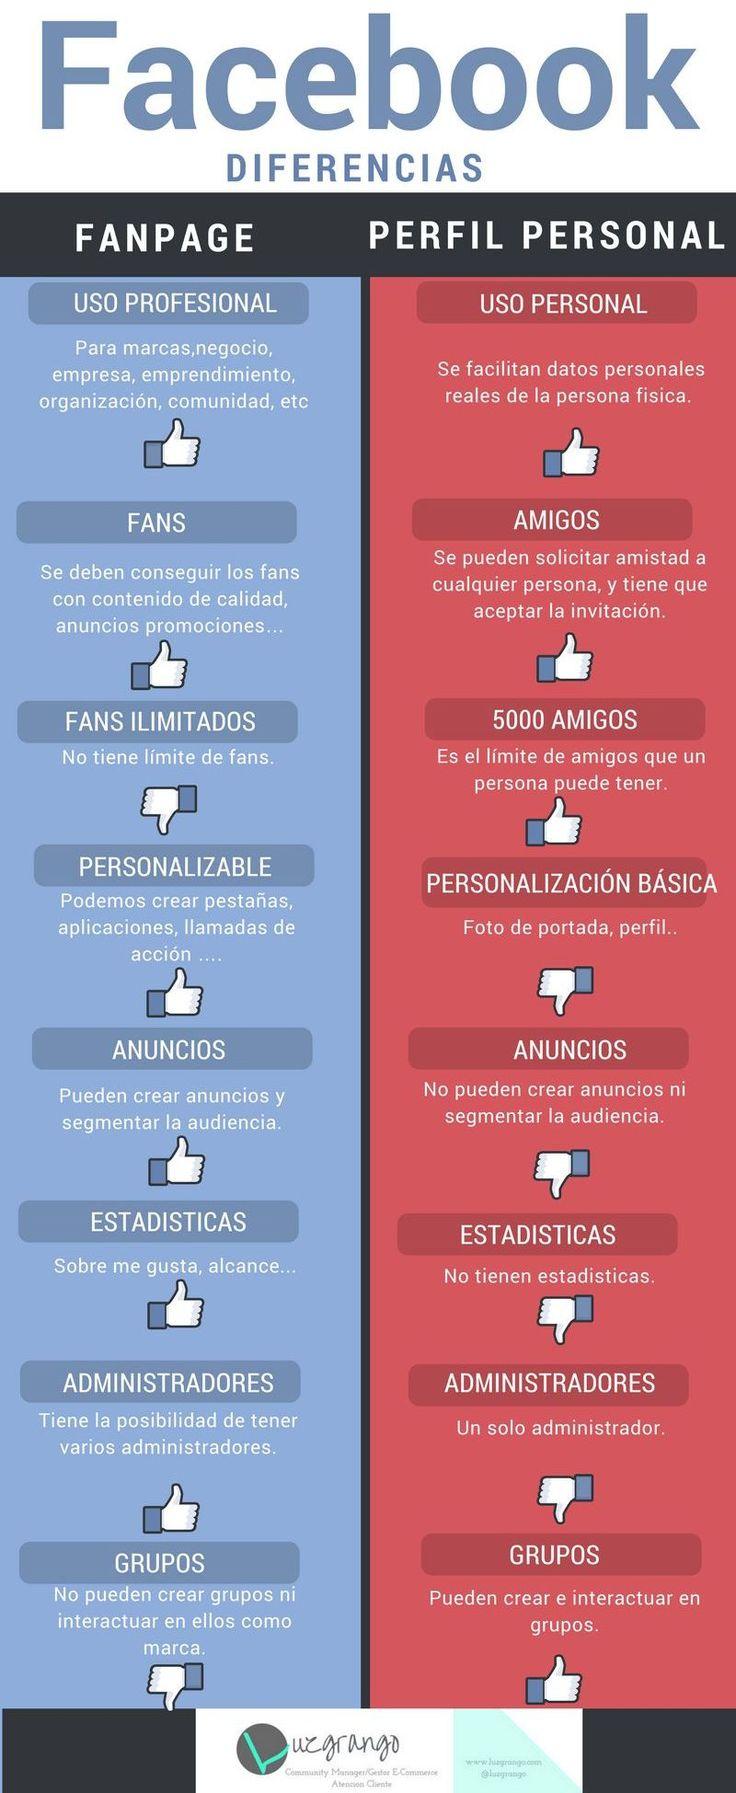 Existen notables diferencias entre Página y Perfil de Facebook. Hoy vamos a conocer cuáles son las principales de todas estas diferencias.